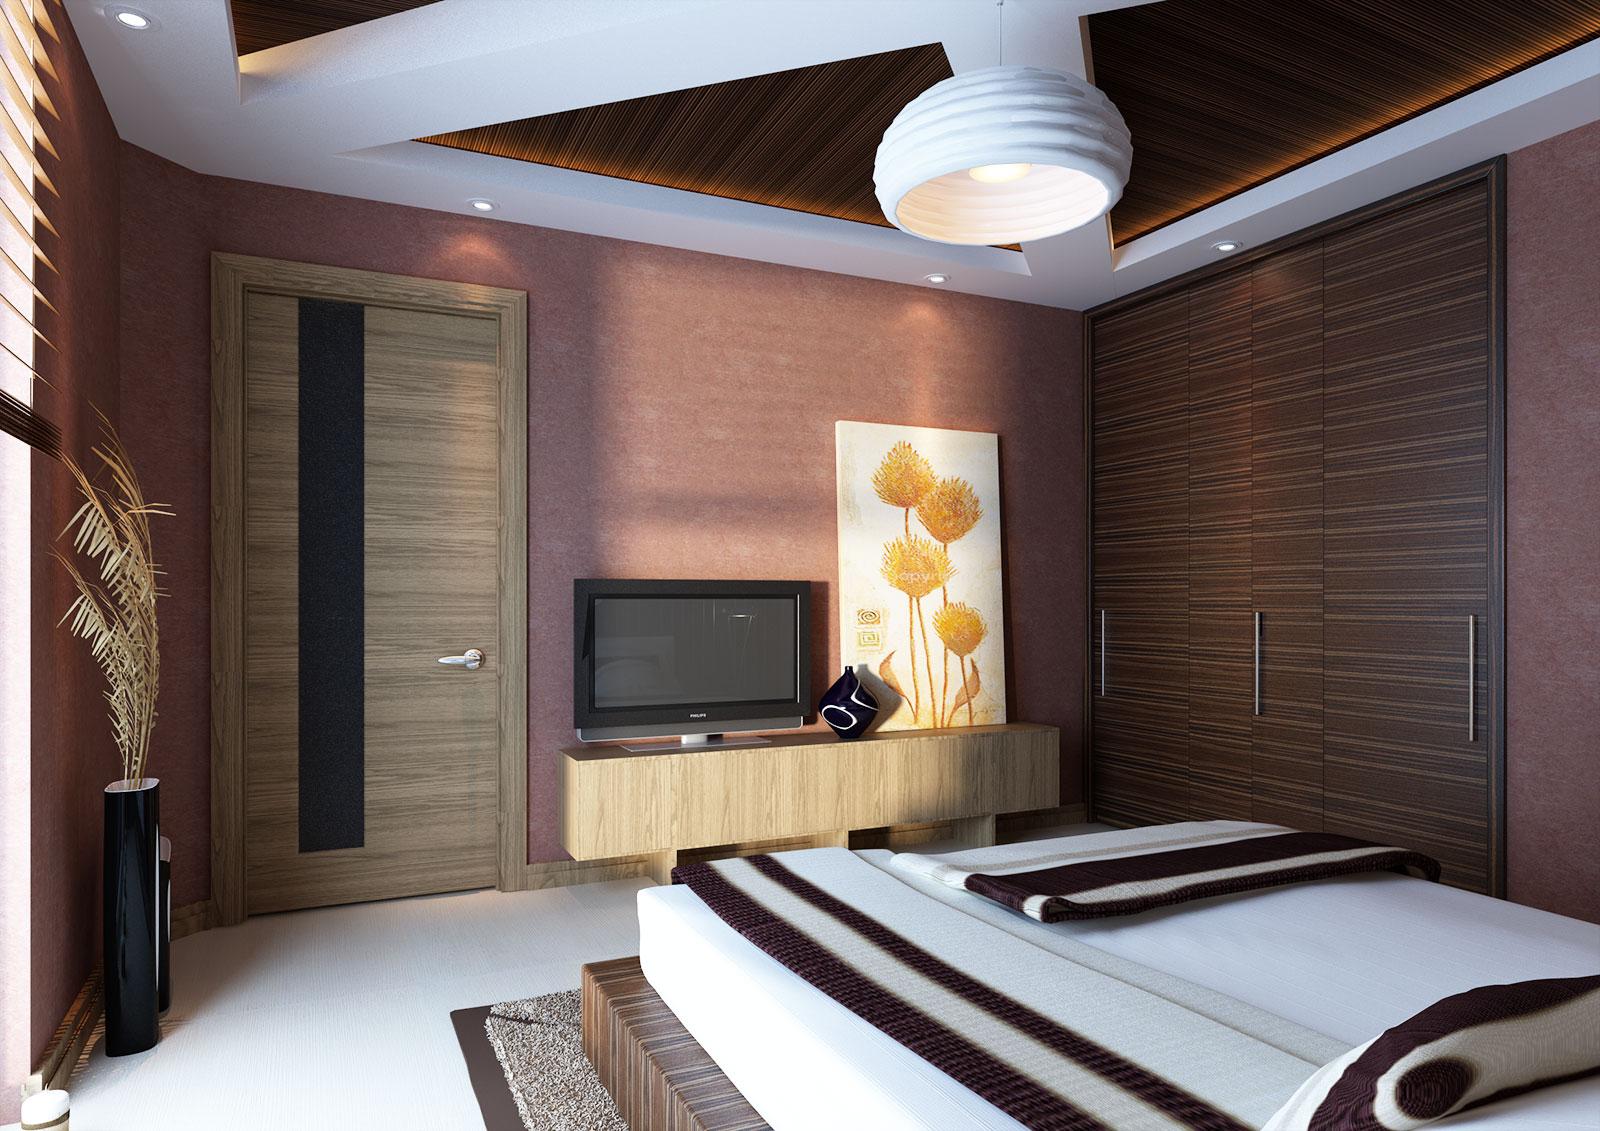 Дизайн интерьера загородного дома - дизайн спальной комнаты